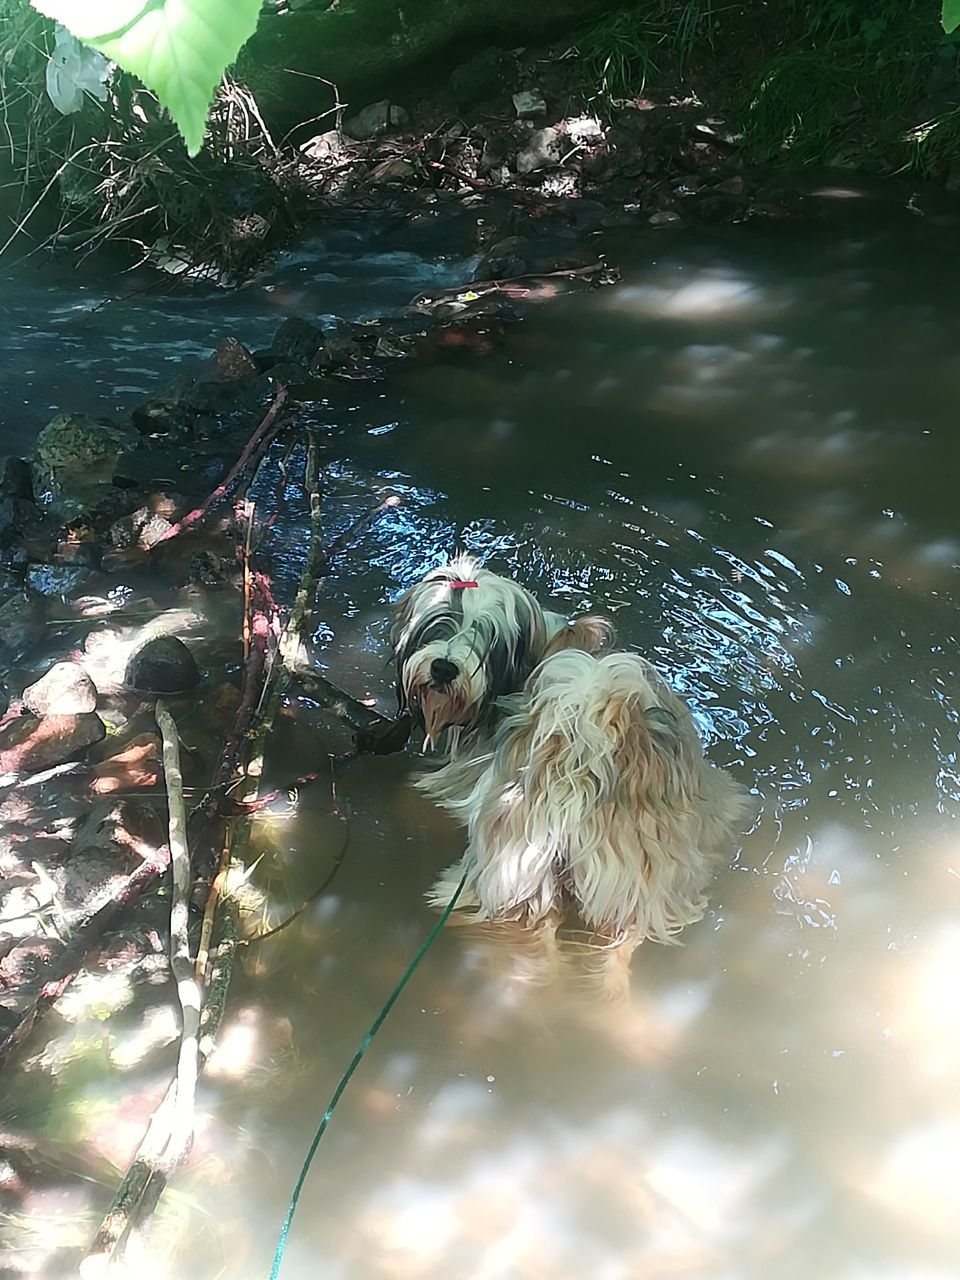 sie liebt Wasser, wie die Mama!